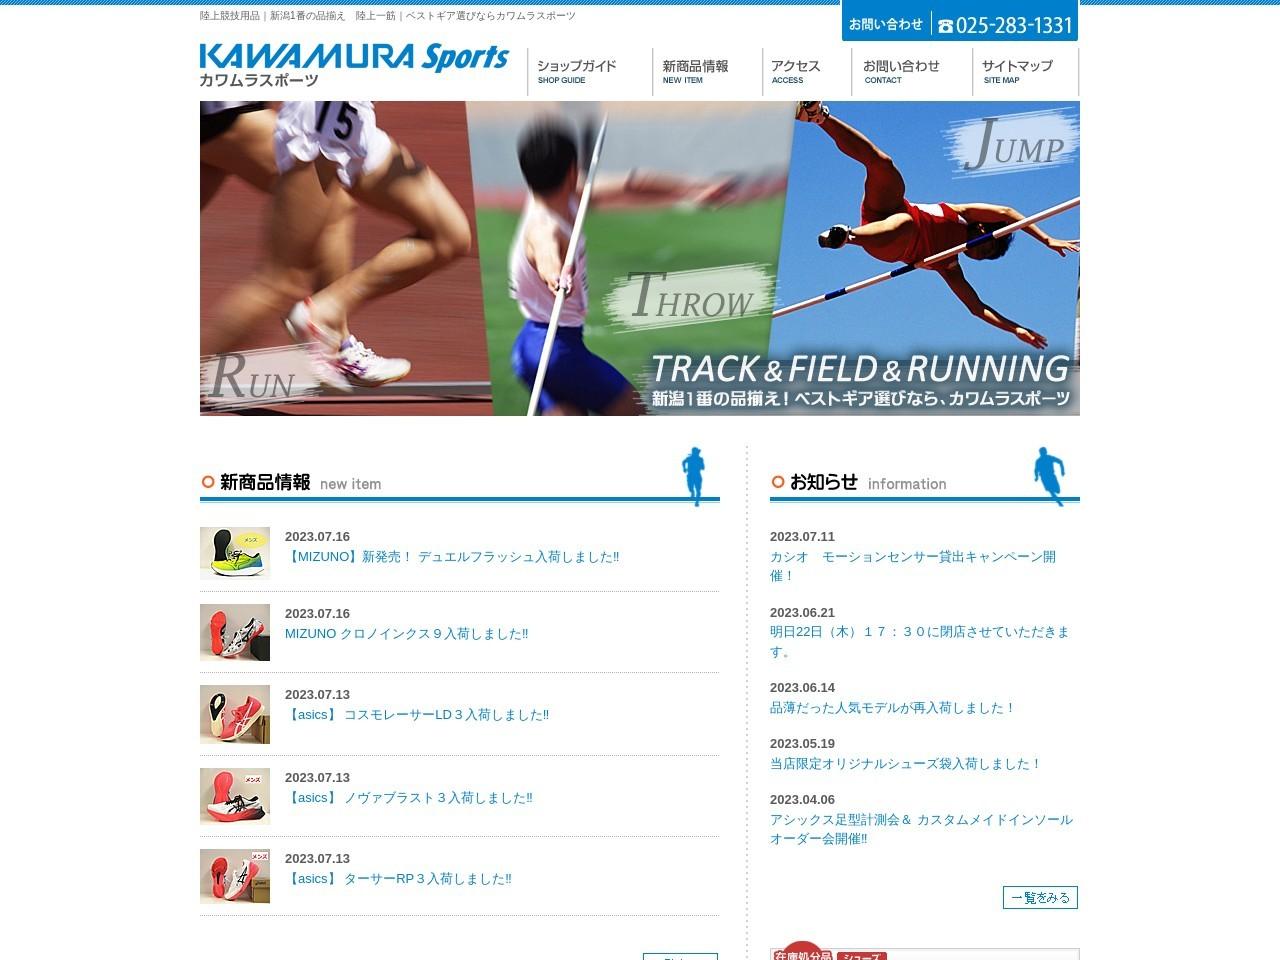 陸上競技用品 新潟市1番の品揃えのカワムラスポーツ